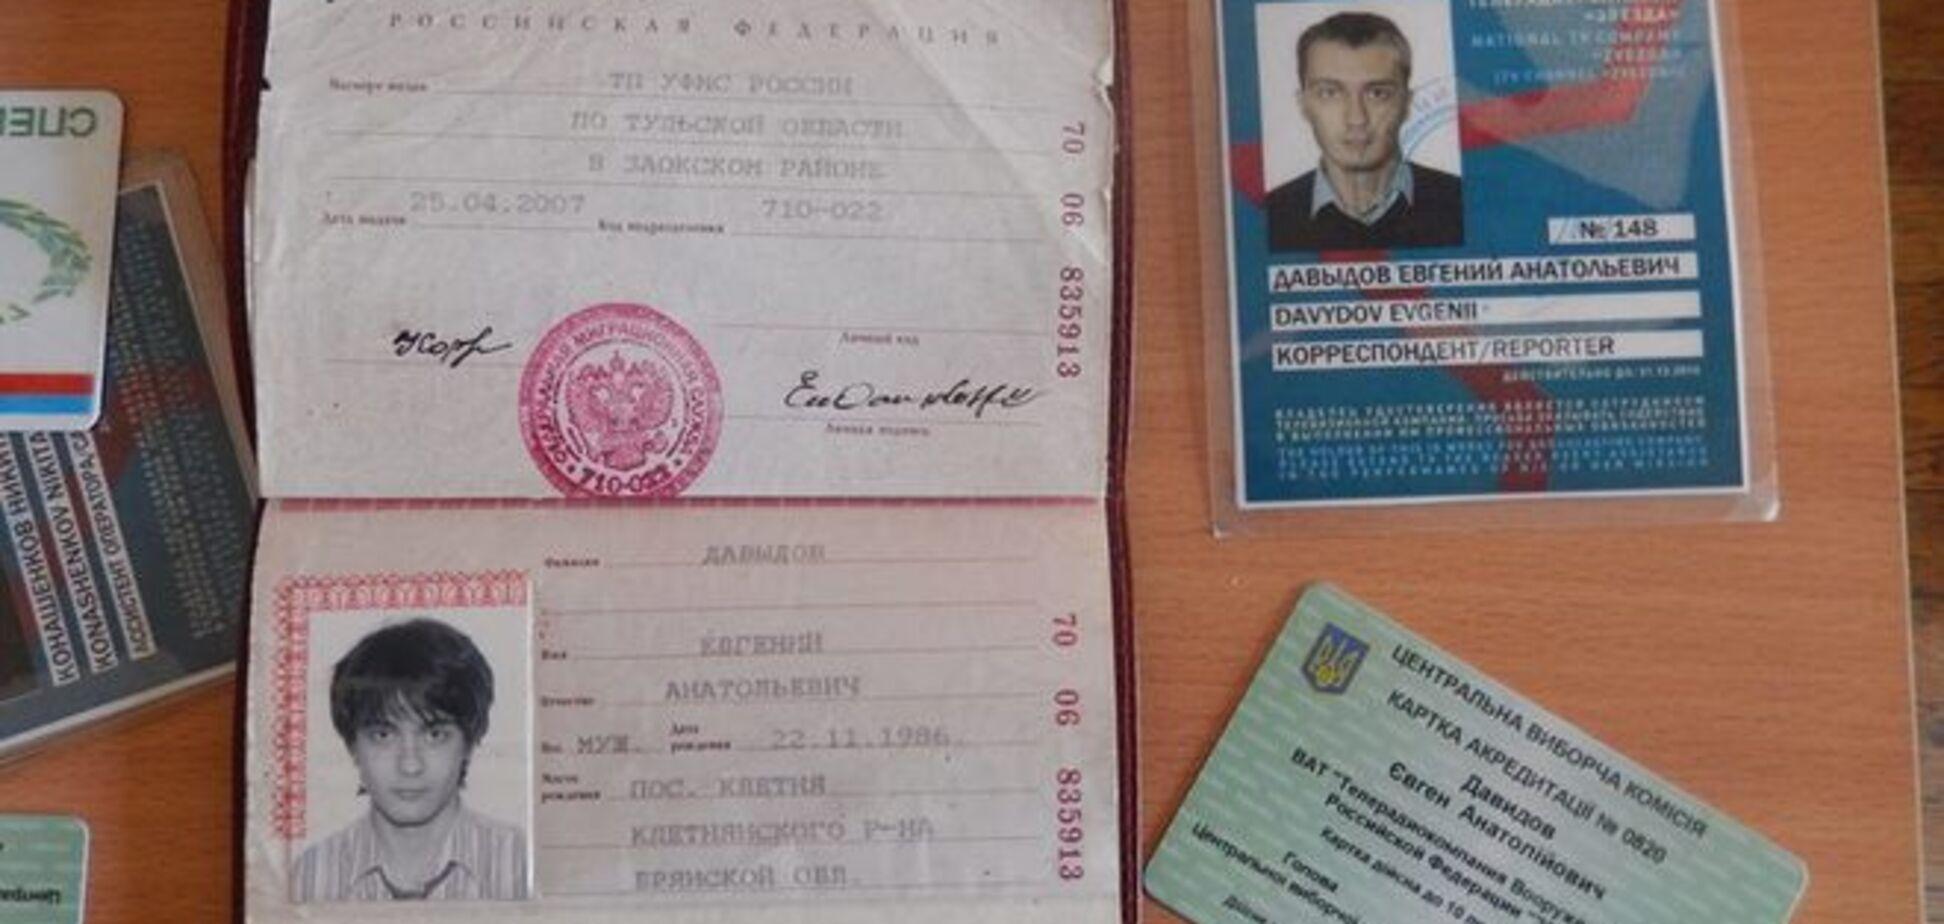 Журналисты ТК 'Звезда' снимали постановочные сюжеты из Украины по заказу ВС РФ